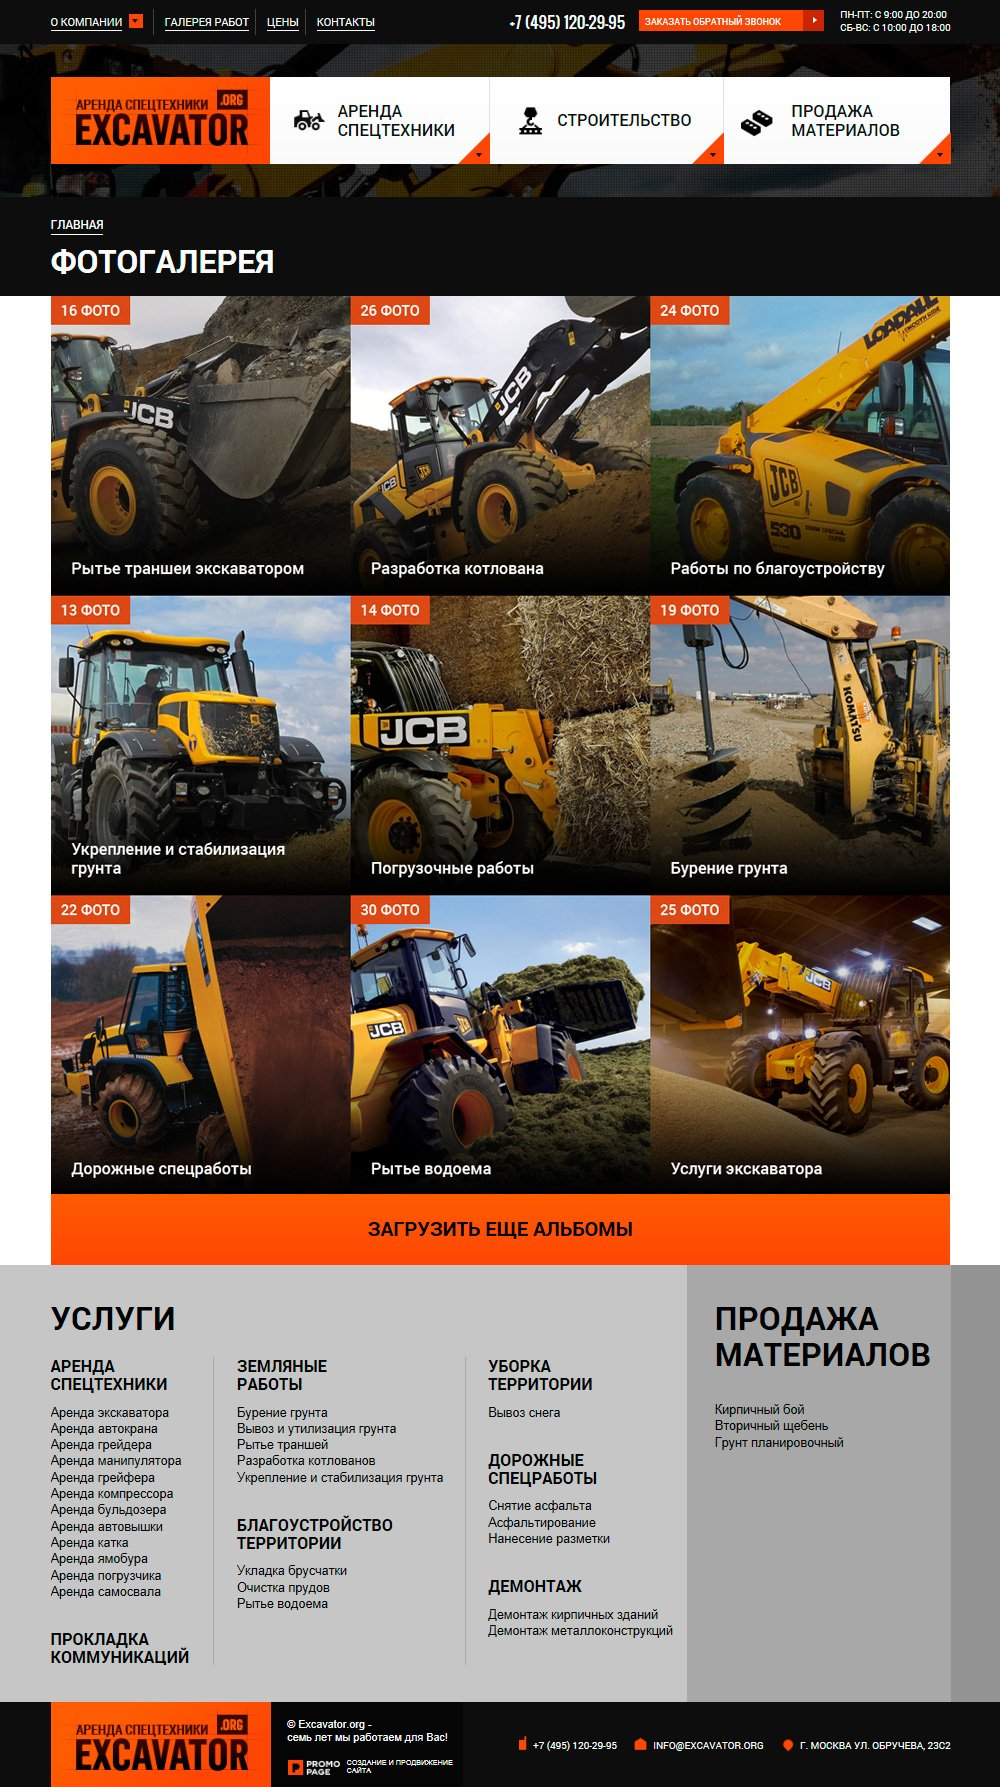 Фотогалерея на сайте строительной компании Excavator.org